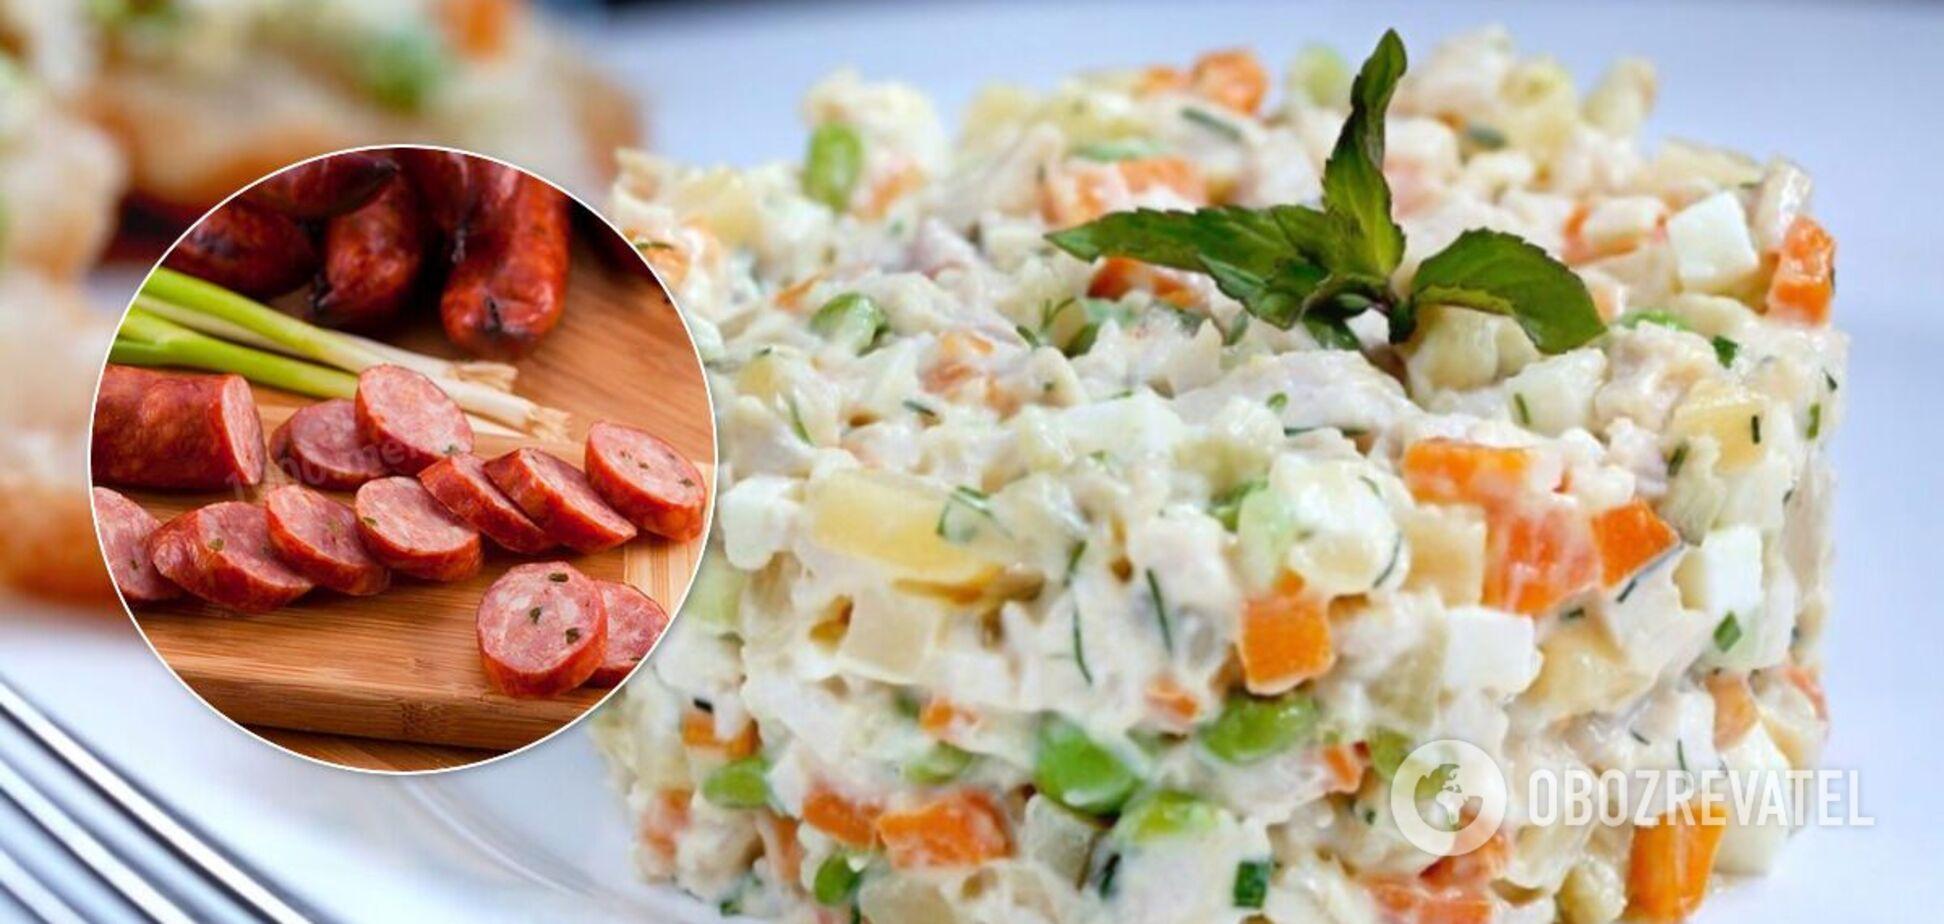 Експертка з якості продуктів назвала інгредієнт, який краще викинути із салату 'Олів'є'